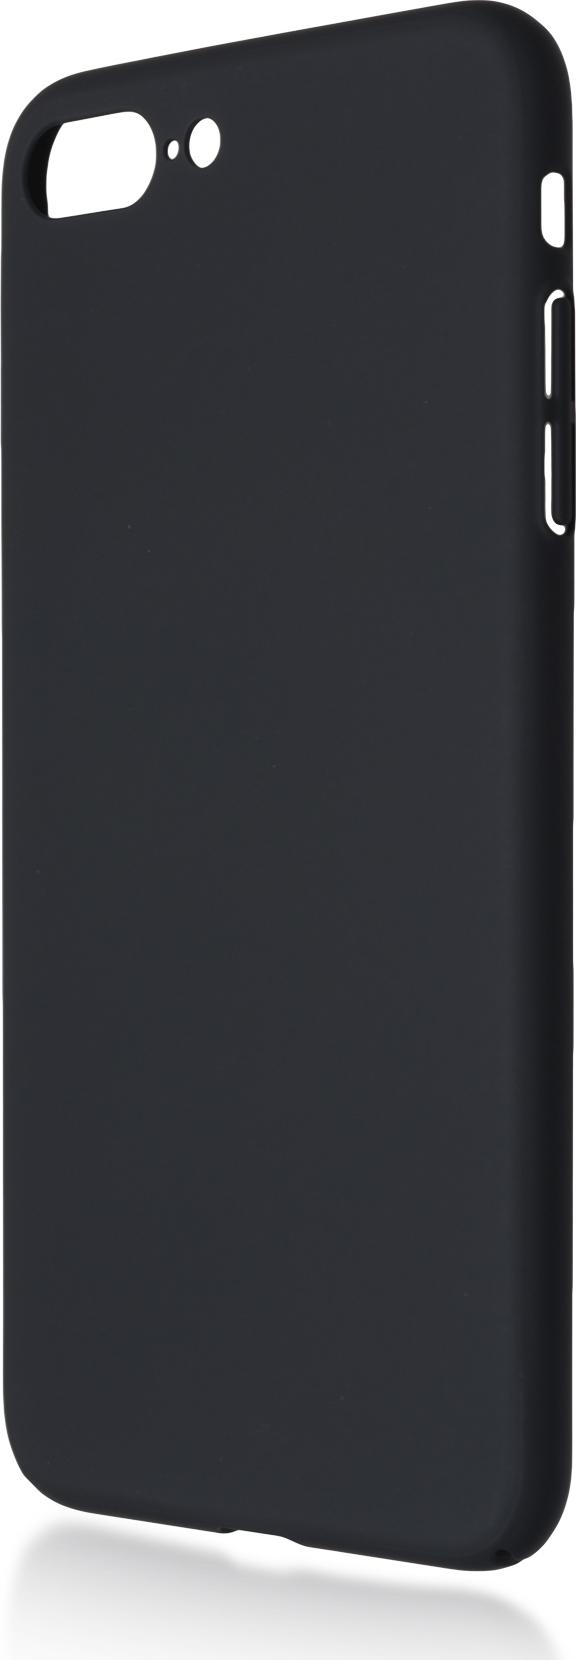 Чехол Brosco 4Side Soft-Touch для Apple iPhone 7 Plus, черный